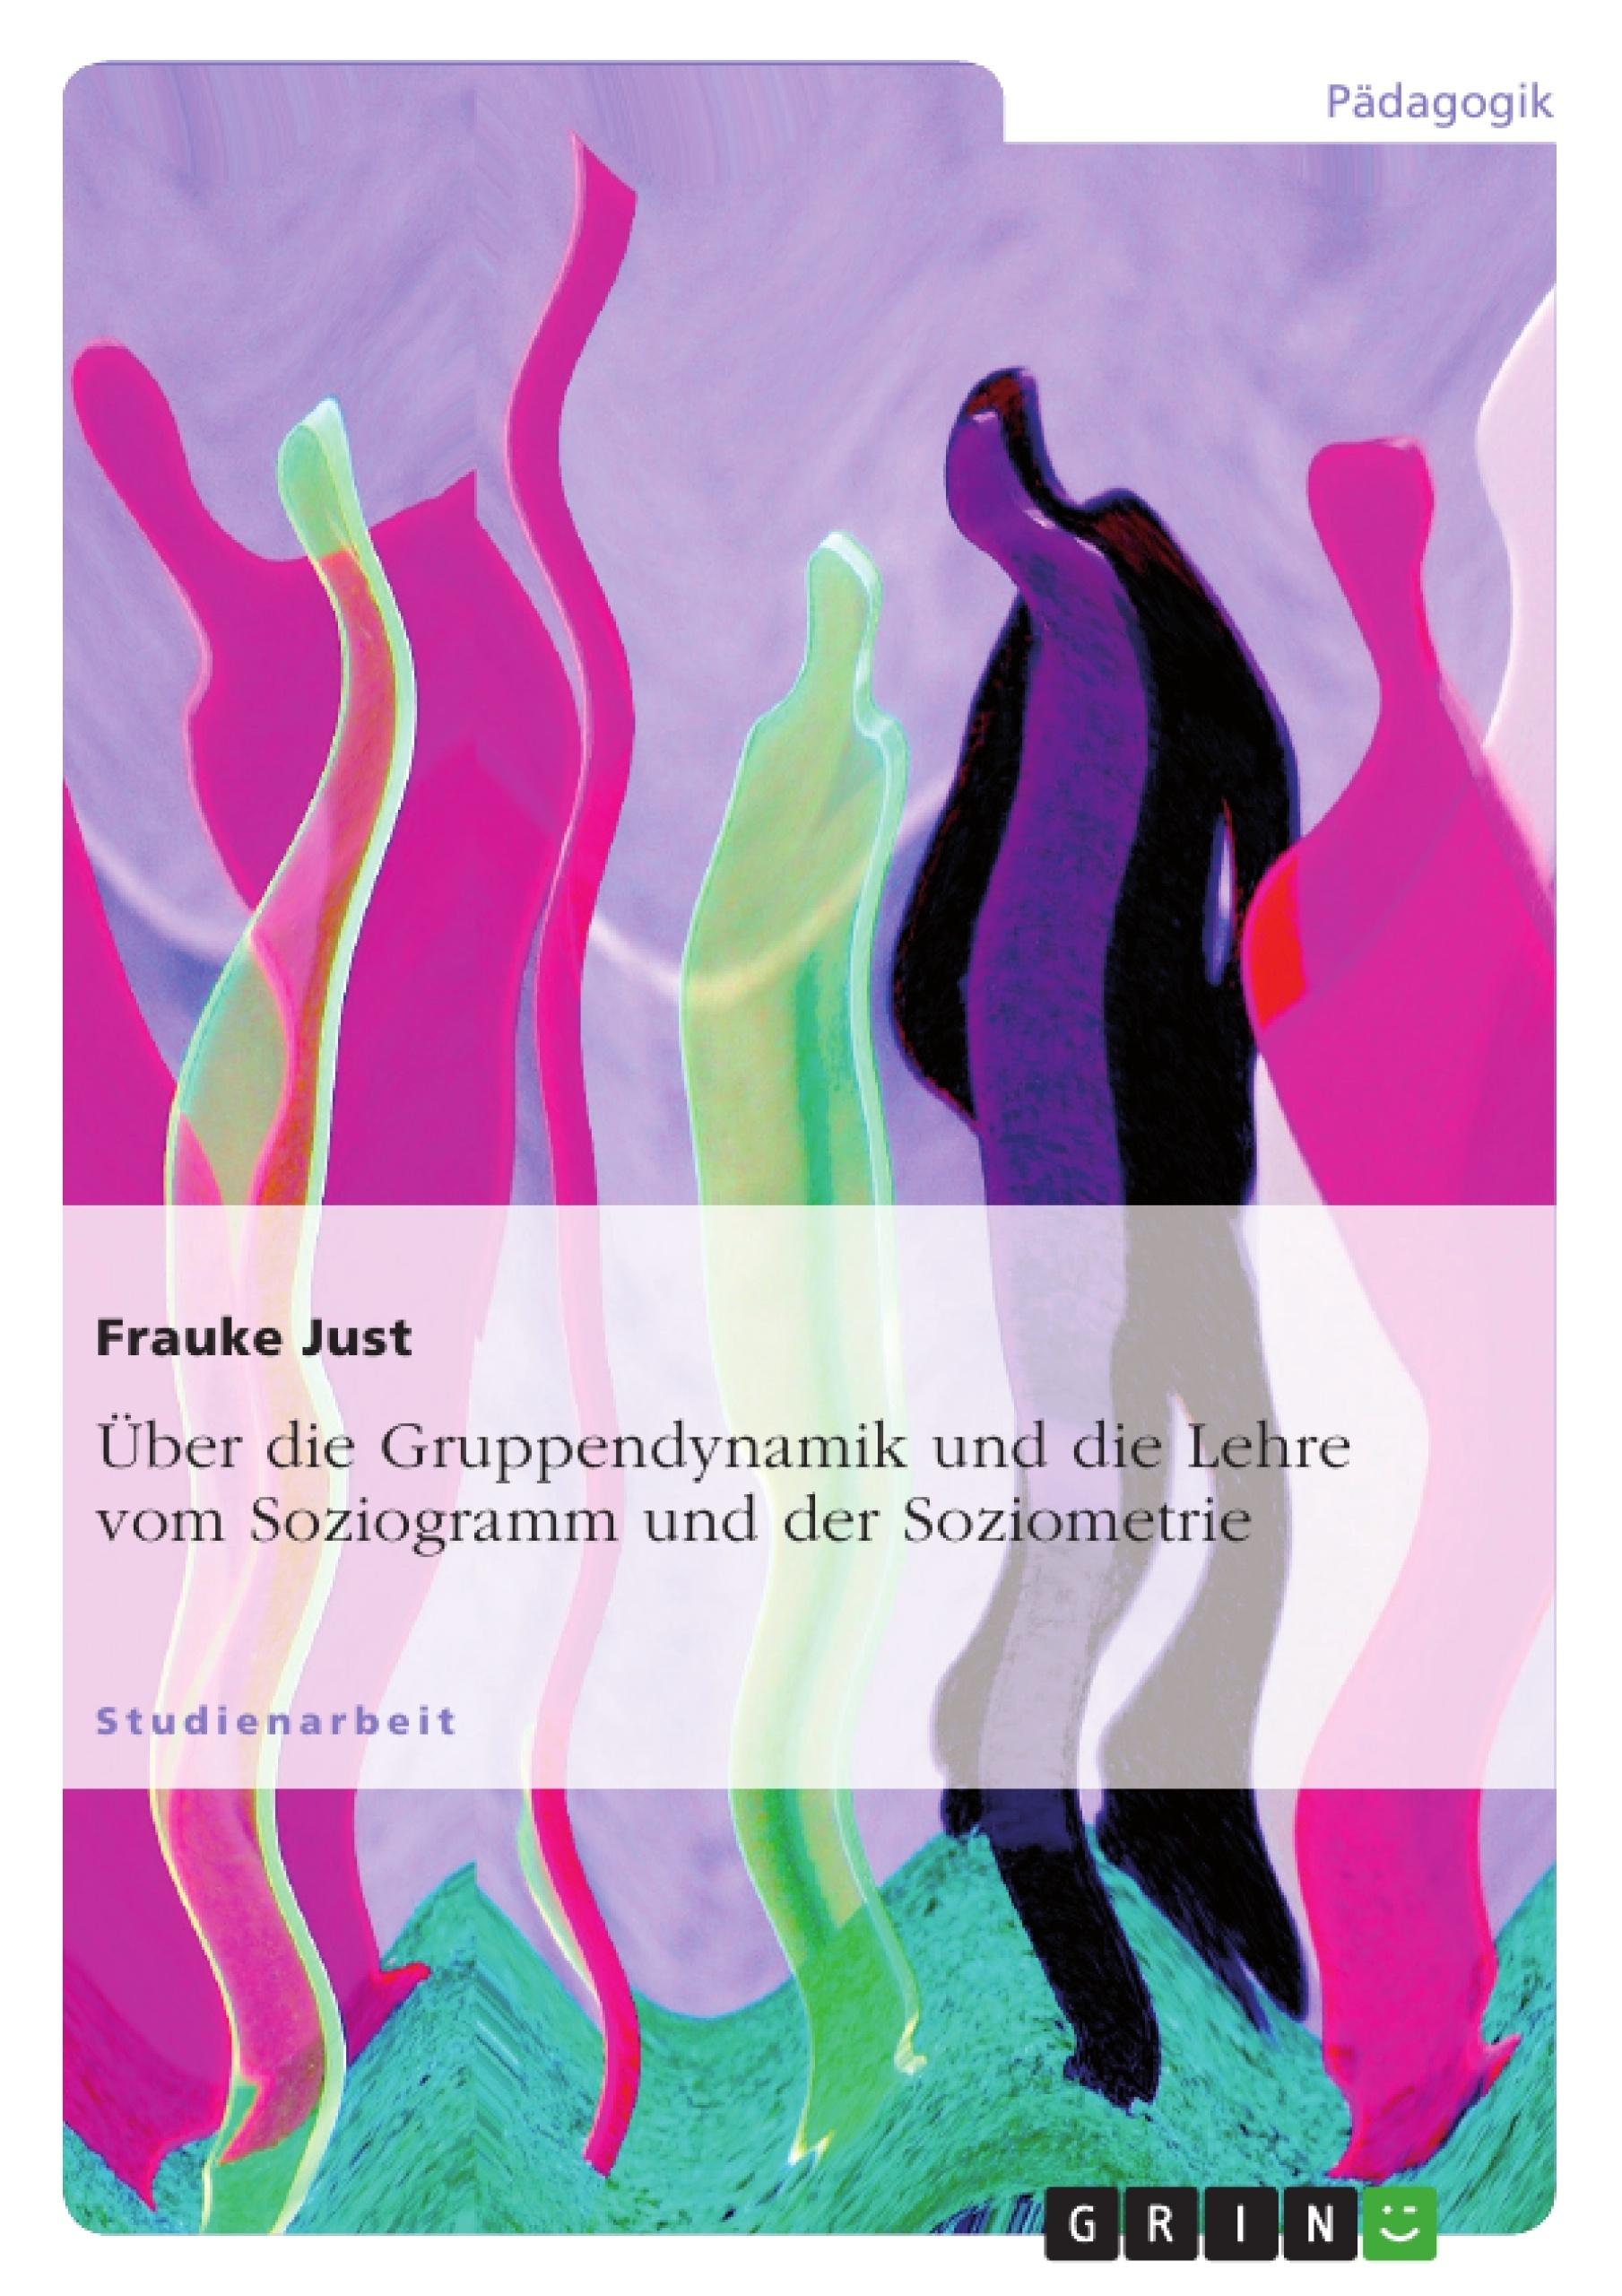 Titel: Über die Gruppendynamik und die Lehre vom Soziogramm und der Soziometrie